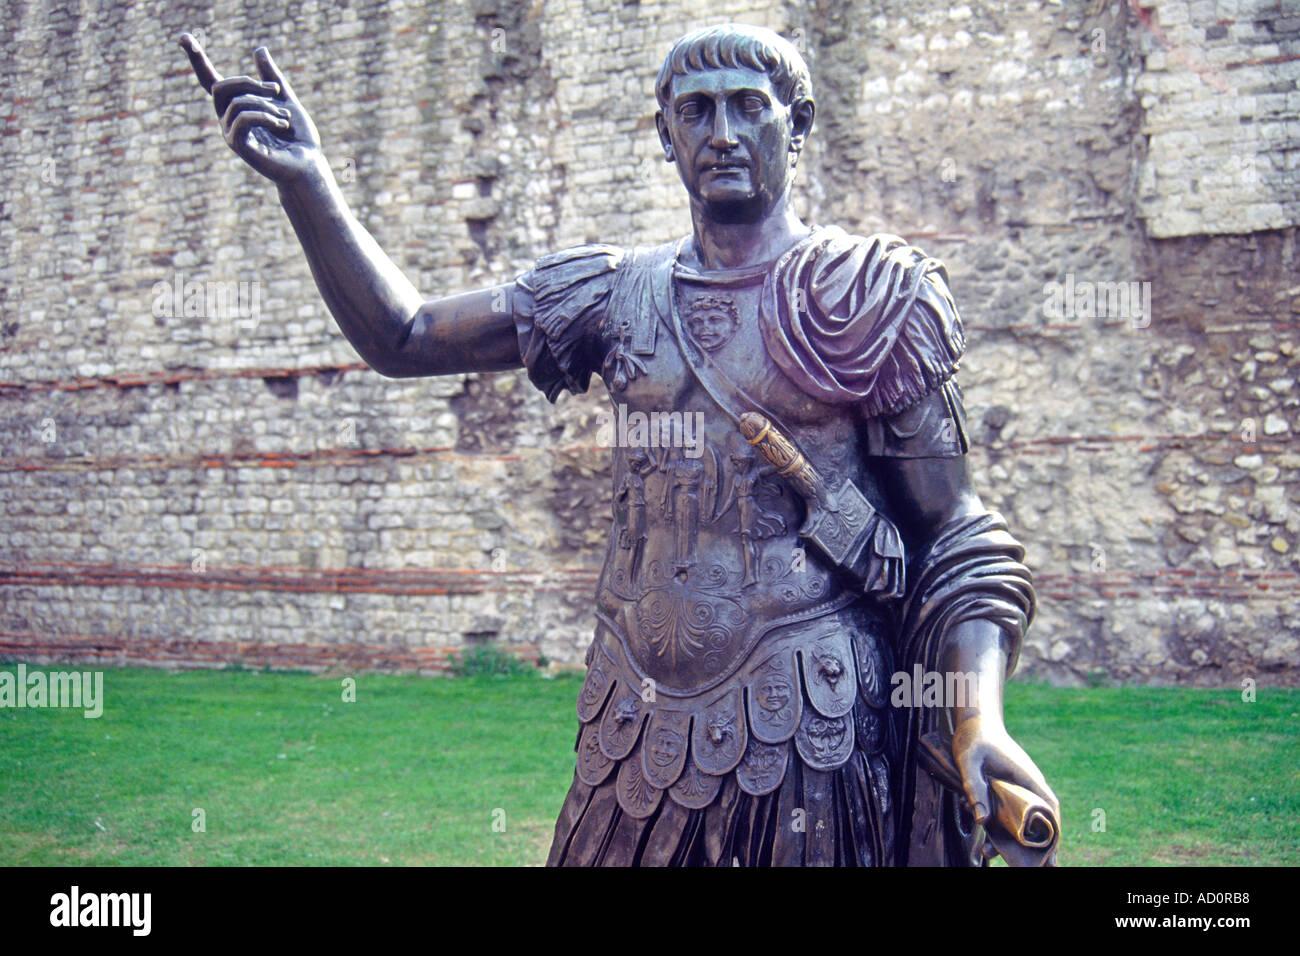 Statue de l'empereur romain Trajan à Londres. Photo Stock